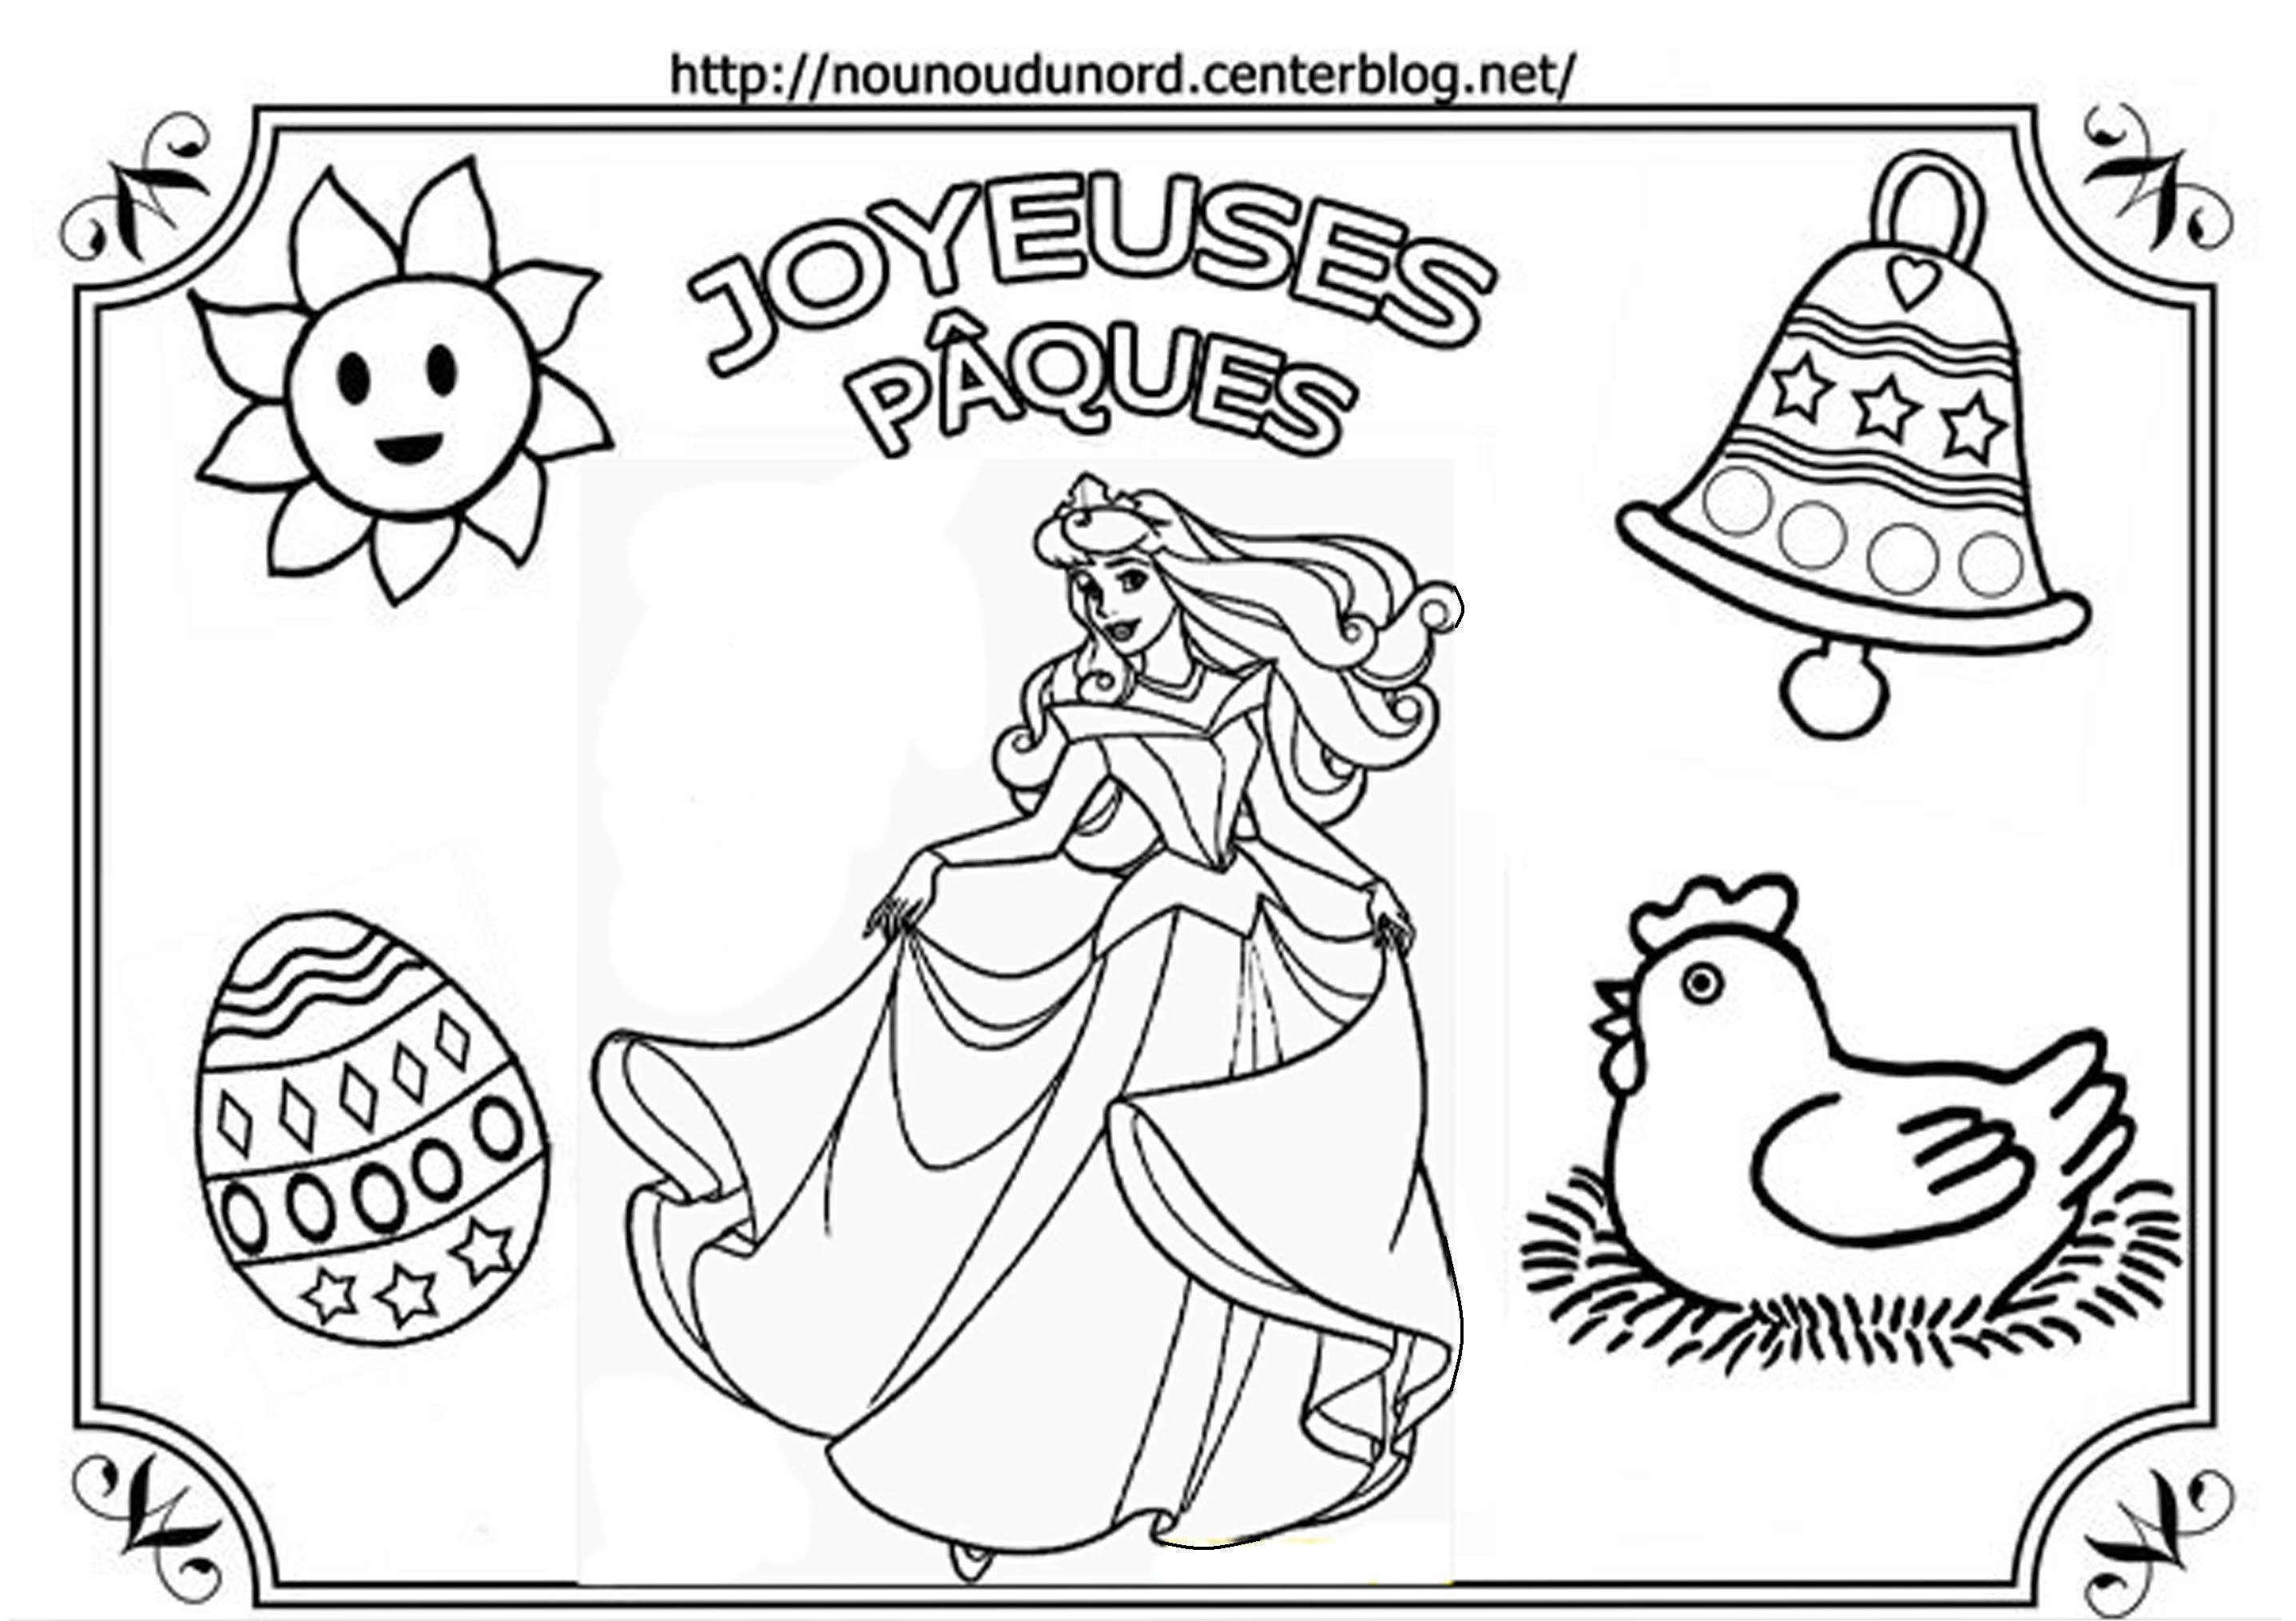 Coloriage En Ligne Paques | Imprimer Et Obtenir Une dedans Coloriage À Imprimer Paques